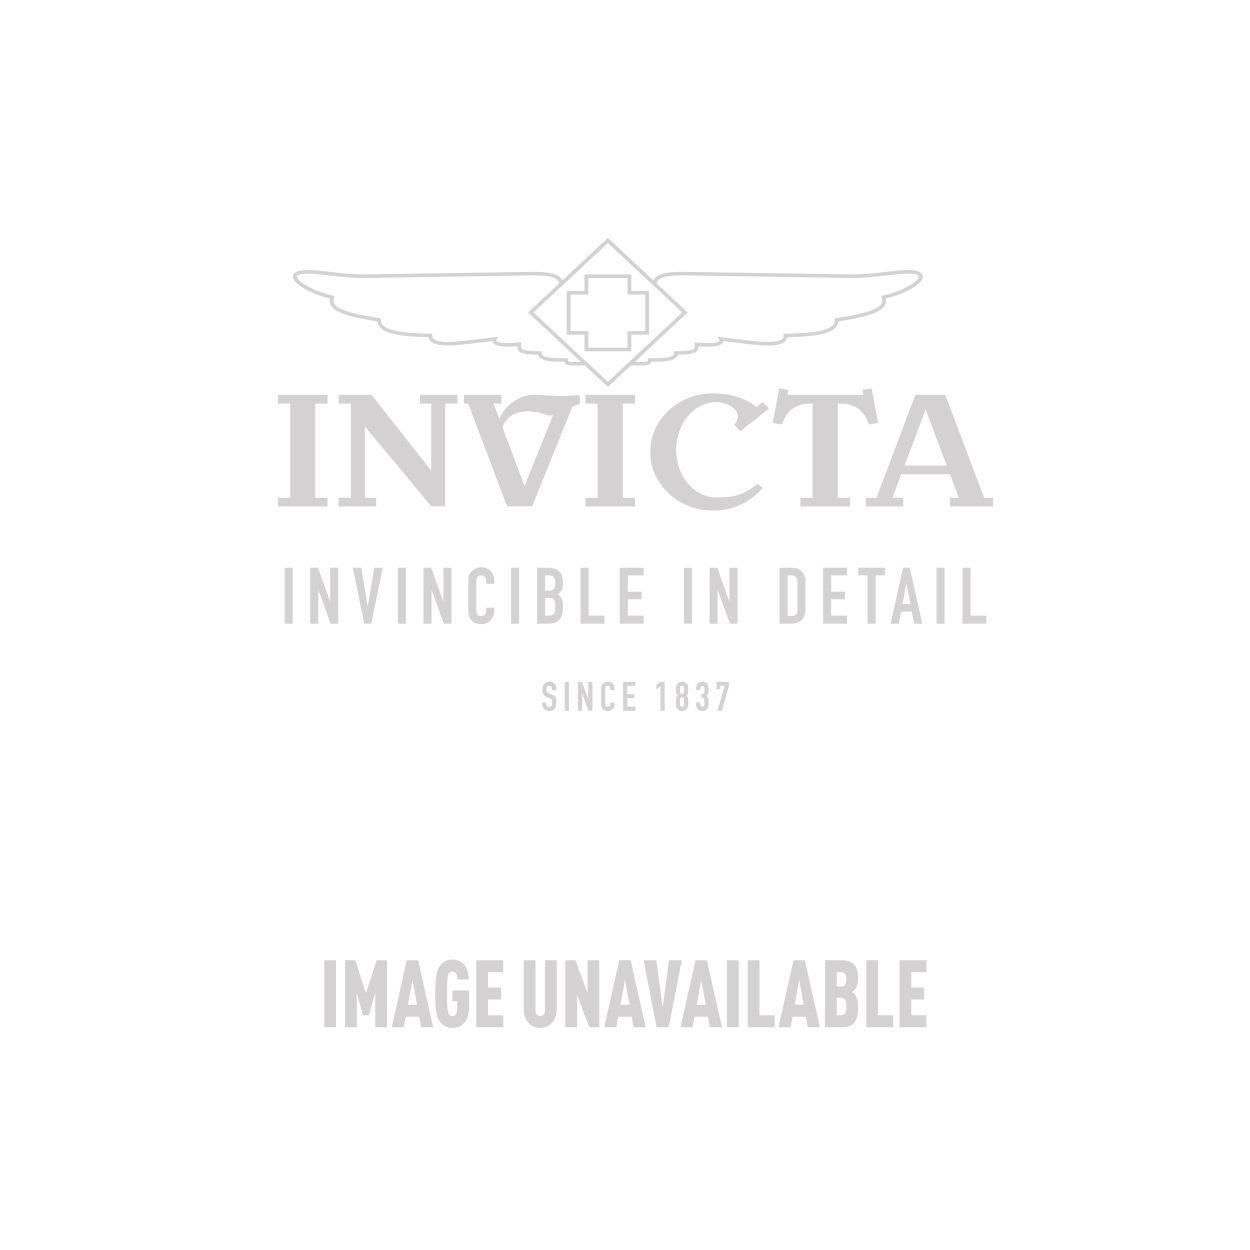 Invicta Model 25150